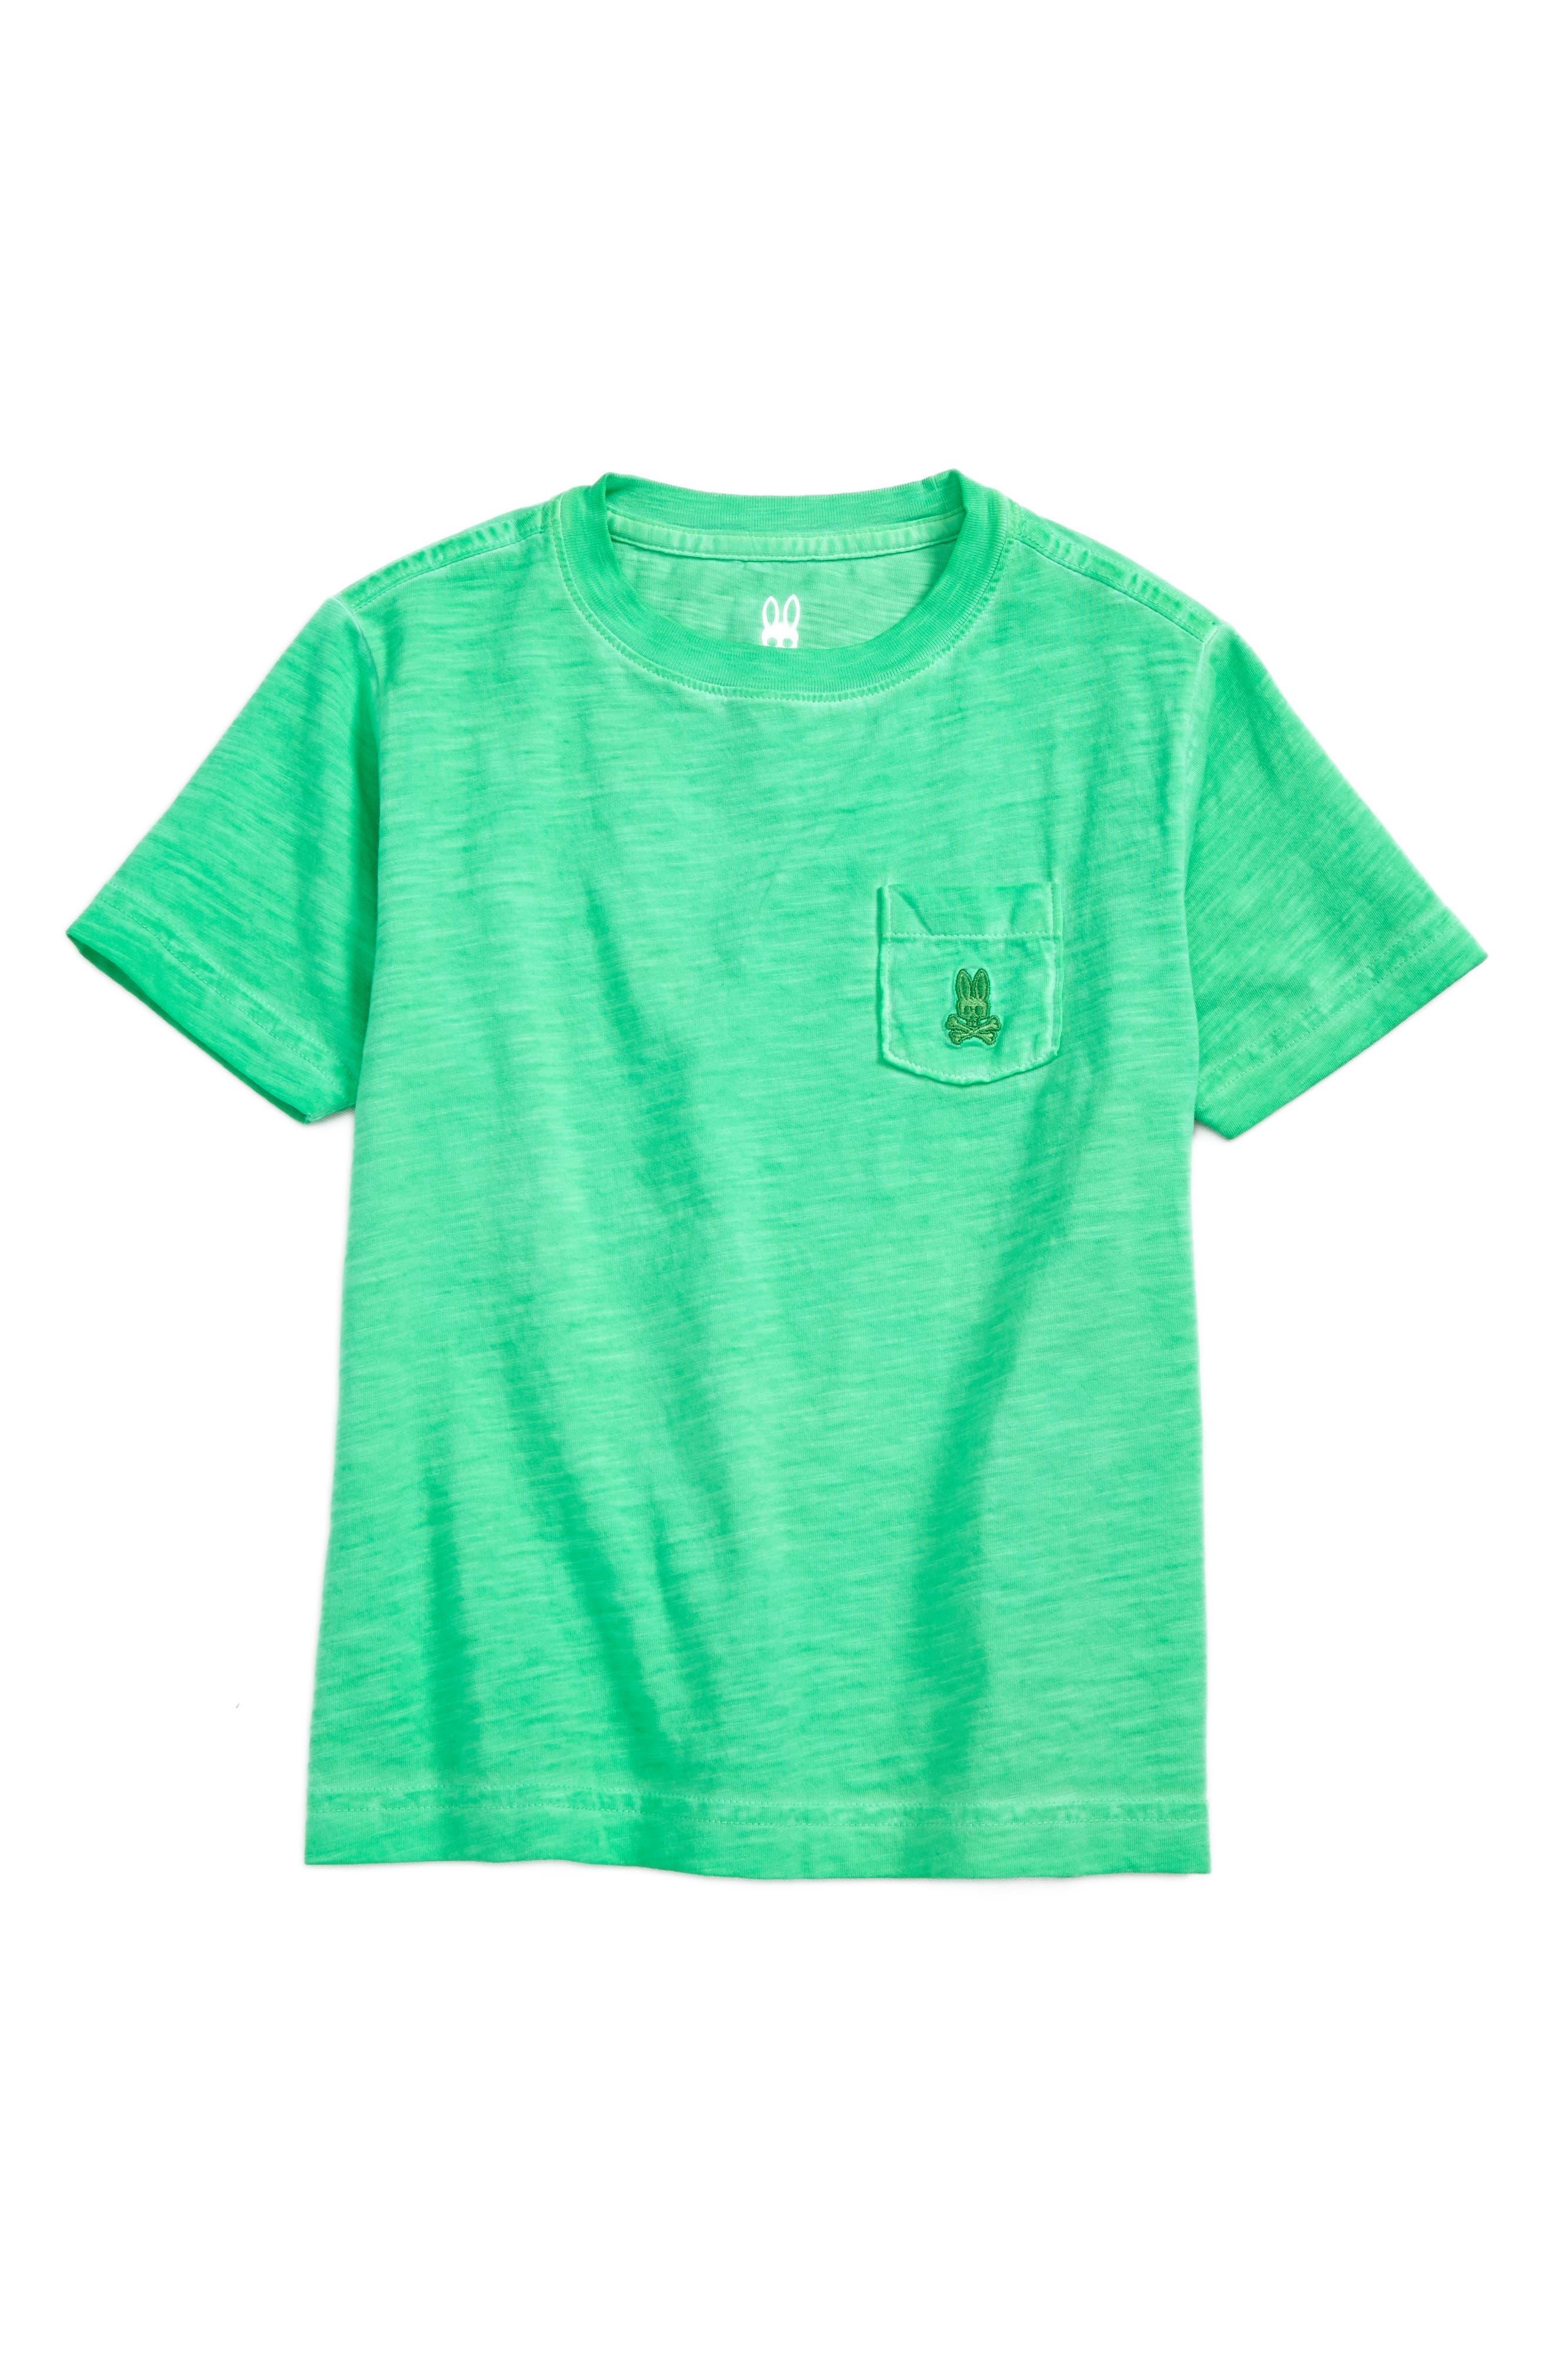 Sunwash Pocket T-Shirt,                             Main thumbnail 1, color,                             305